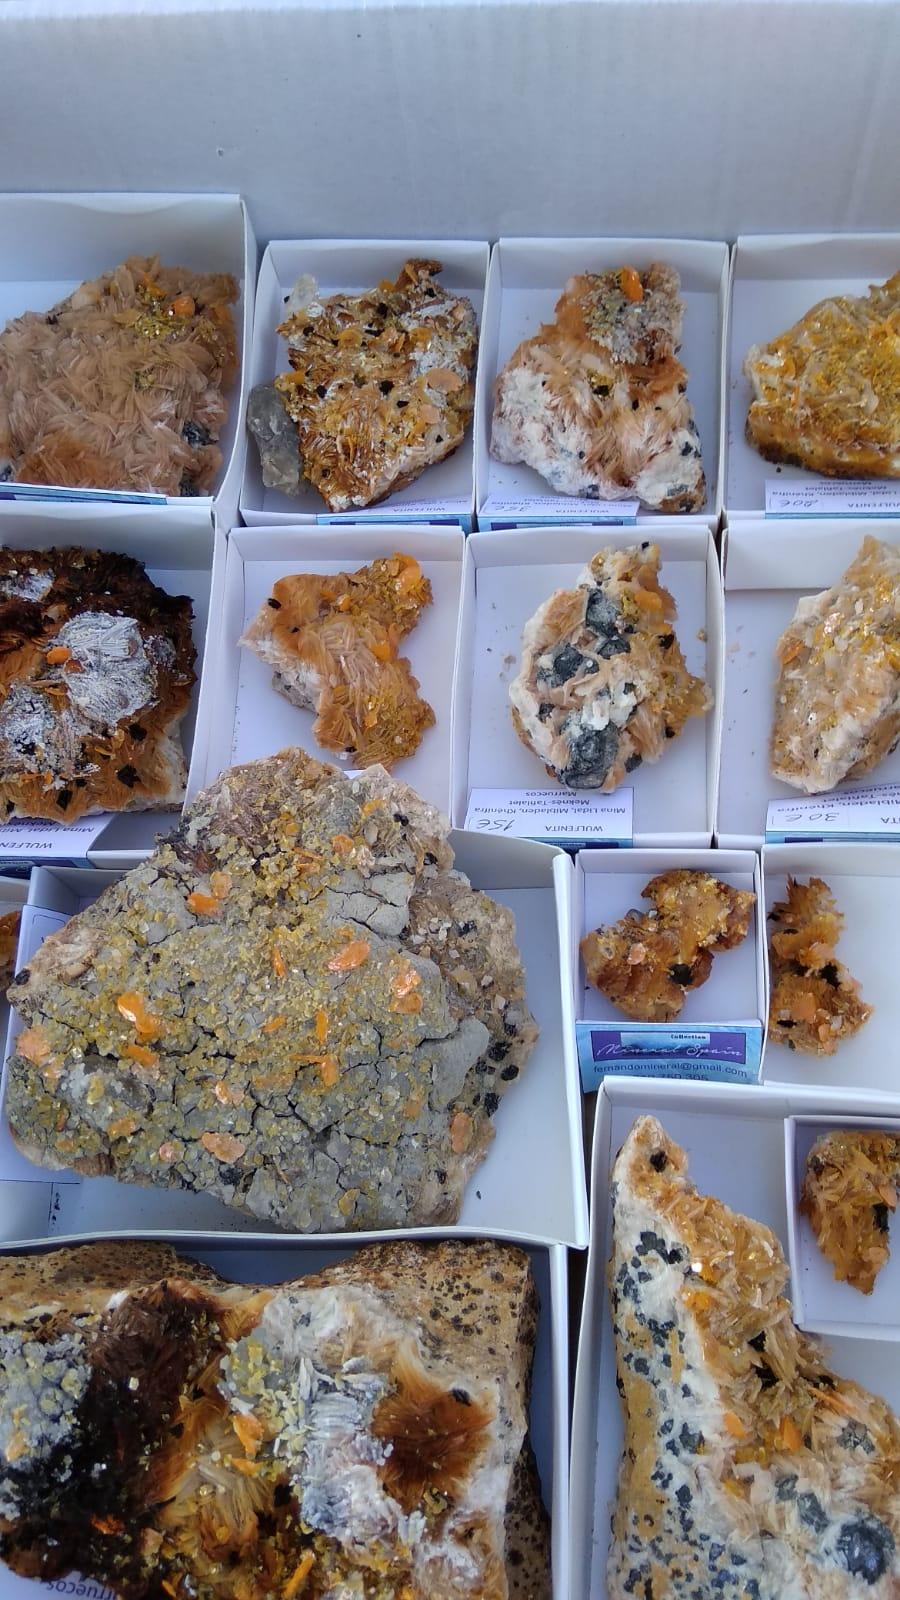 I Feria de minerales intercambio y venta de Cártama (MÁLAGA) - Página 5 Img-2069